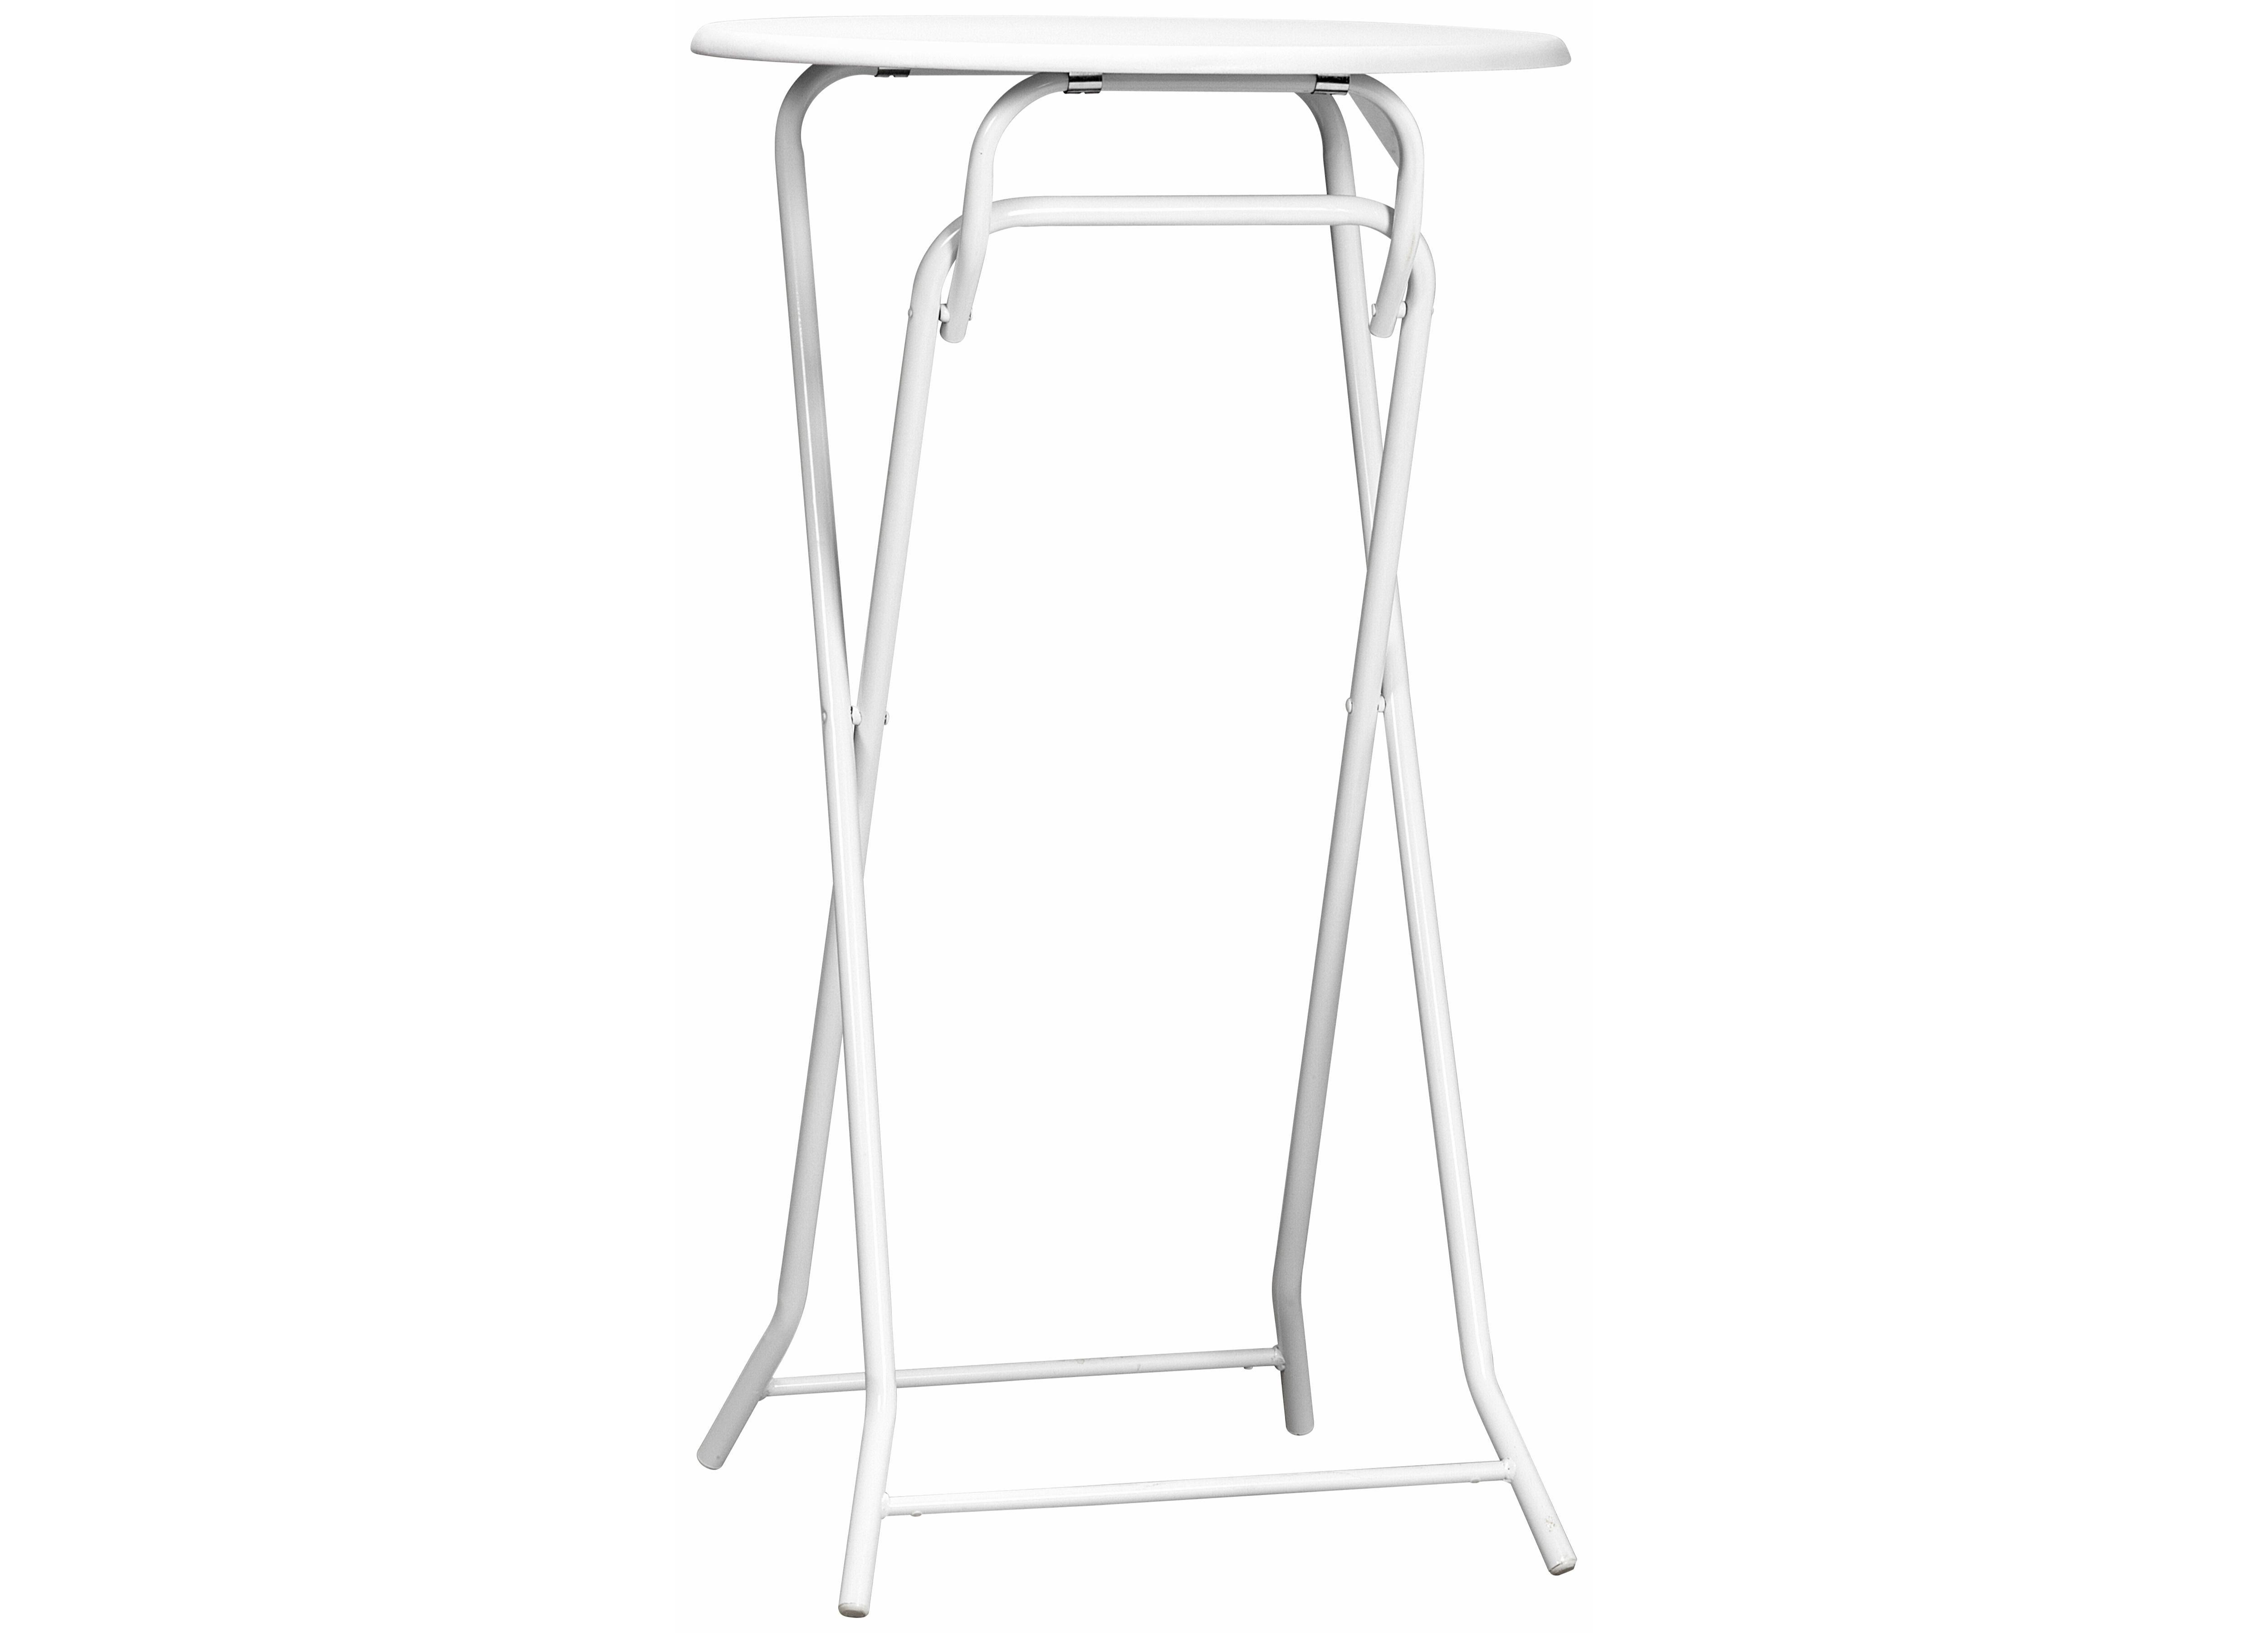 Statafel Goedkoop Kopen.Handige Bar Of Statafel Inklapbaar Wit Afmeting Doorsnee